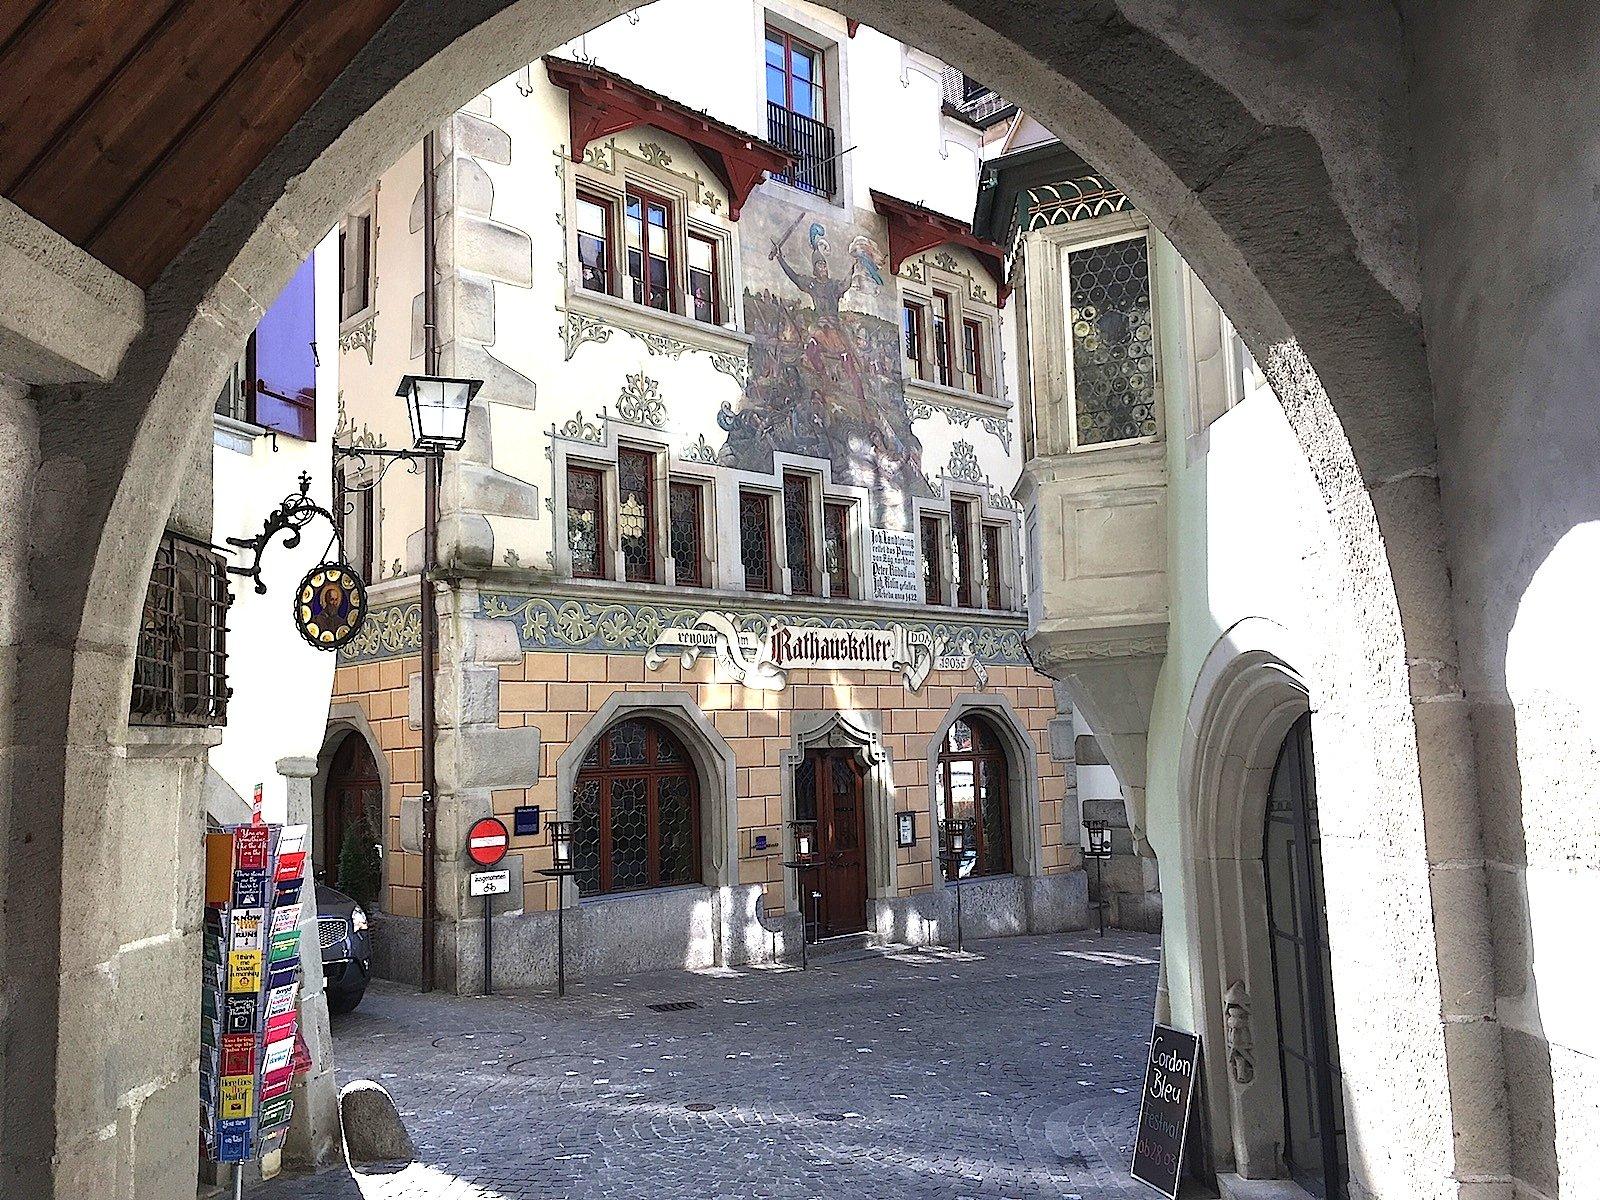 Das Haus aus dem 15. Jahrhundert neben dem Zytturm gehört der Bürgergemeinde Zug. Seit 1902 ist es ein Restaurant.